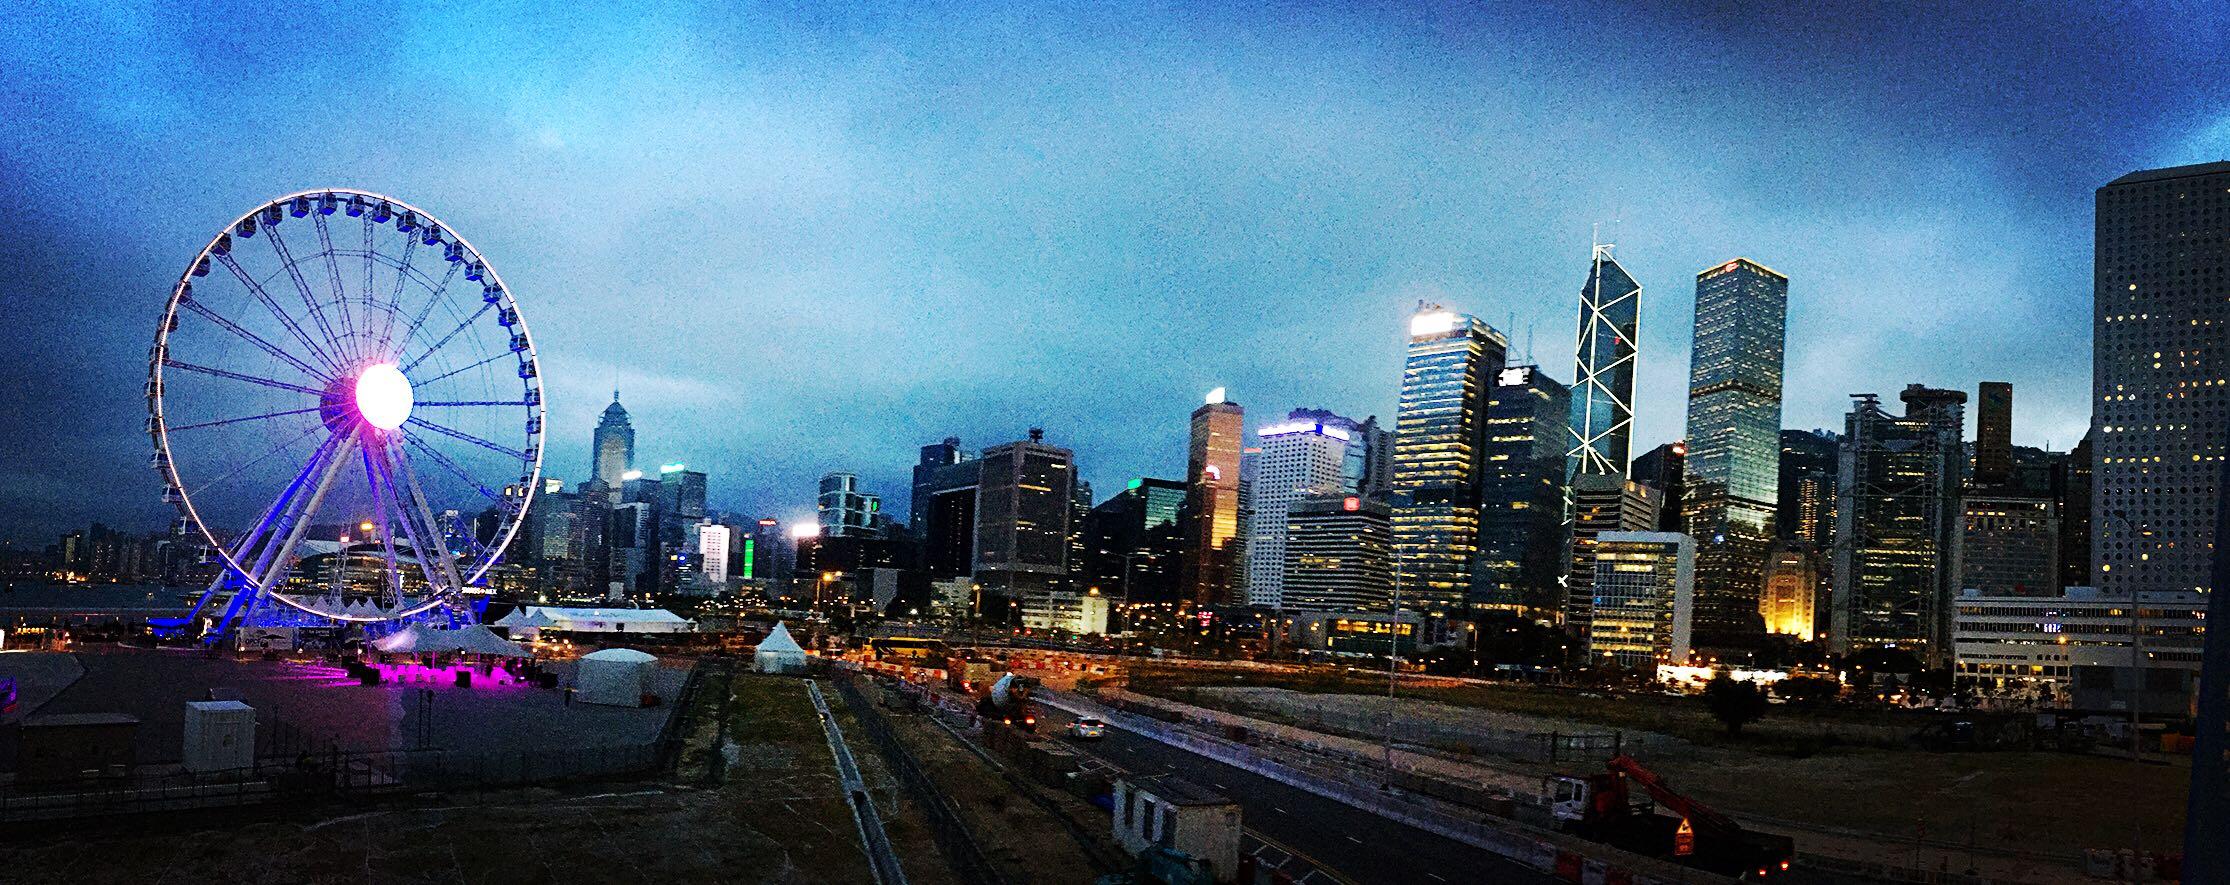 2014年底,中環新增一處地標景觀,即高達60米的香港摩天輪,為游客提供了一處欣賞維港景色的新選擇。香港摩天輪有42個車廂(包括一個VIP車廂),每個車廂可載八名乘客,繞行一圈要花15至20分鐘。車廂內有恆溫設備,不論是夏天還是冬天乘坐,都沒有問題。而且車廂內的免費Wi-Fi功能,讓您可以輕松打卡、實時跟朋友分享喜悅。摩天輪附近有一個活動廣場,提供小吃飲料。